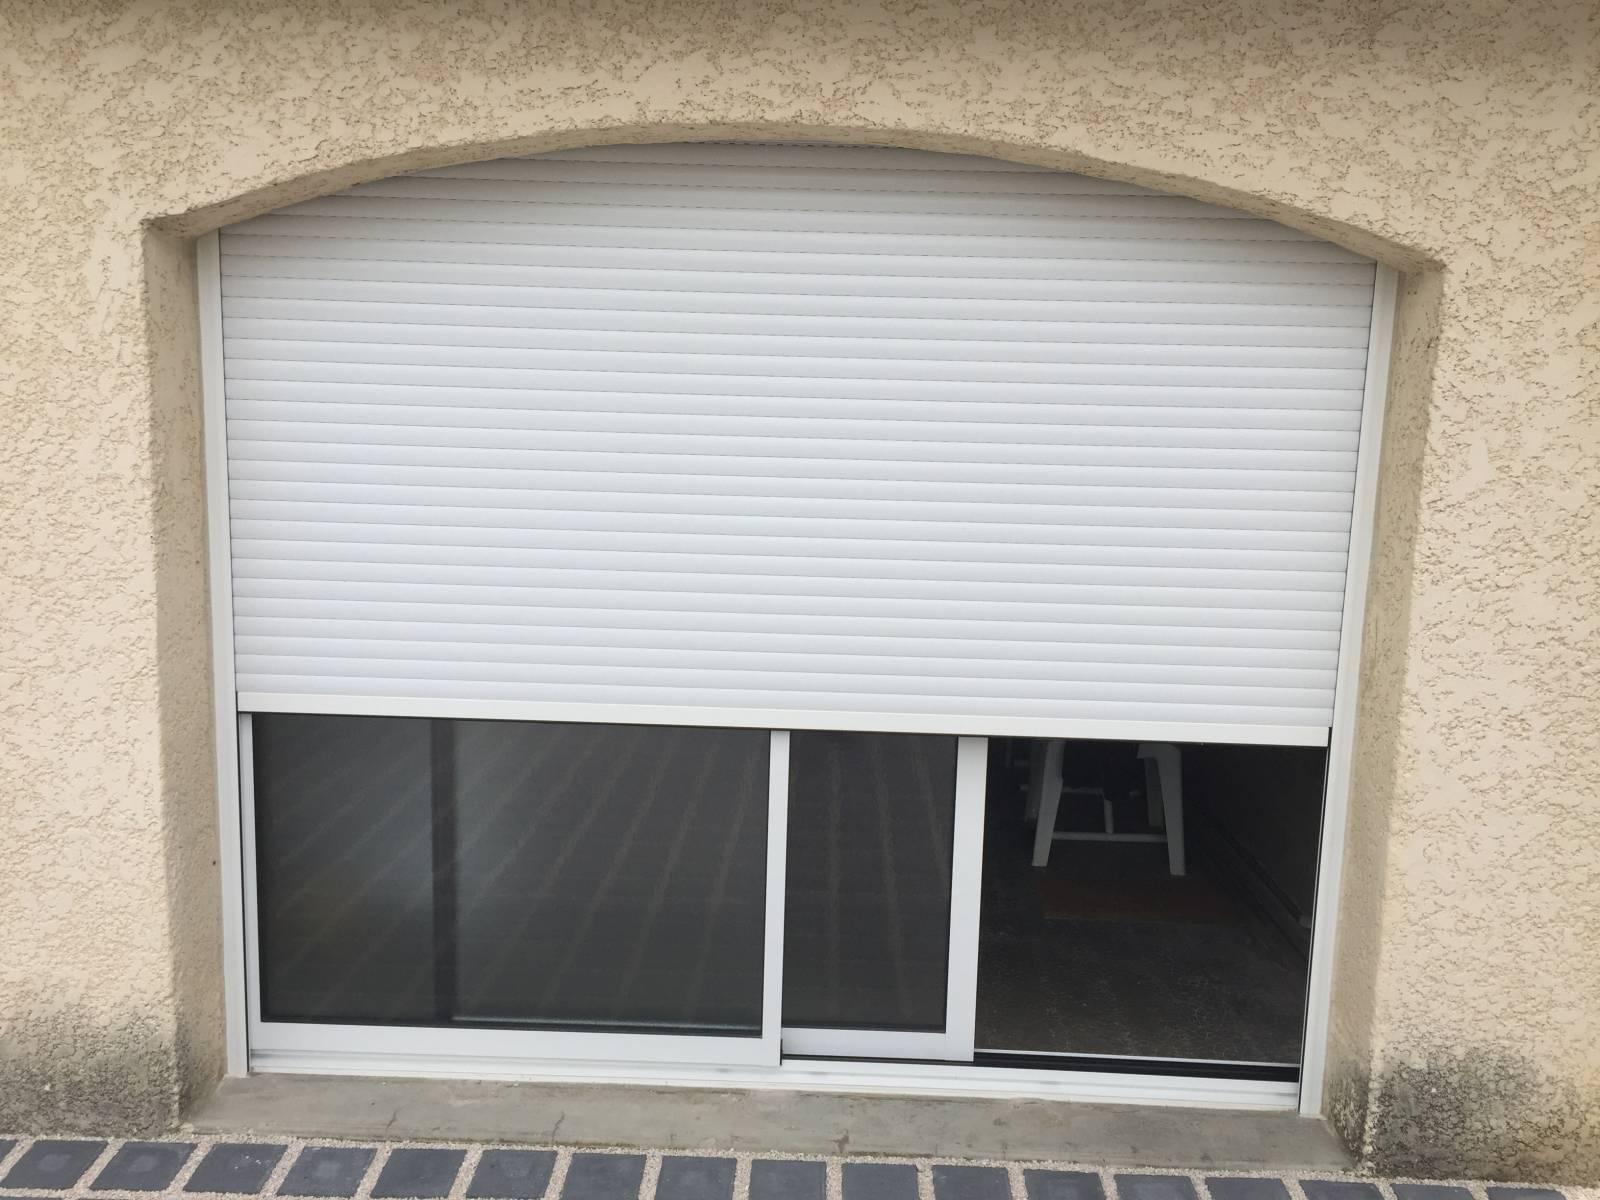 Remplacement d 39 une porte garage par une baie coulissante - Remplacement d une porte de garage par une baie vitree ...